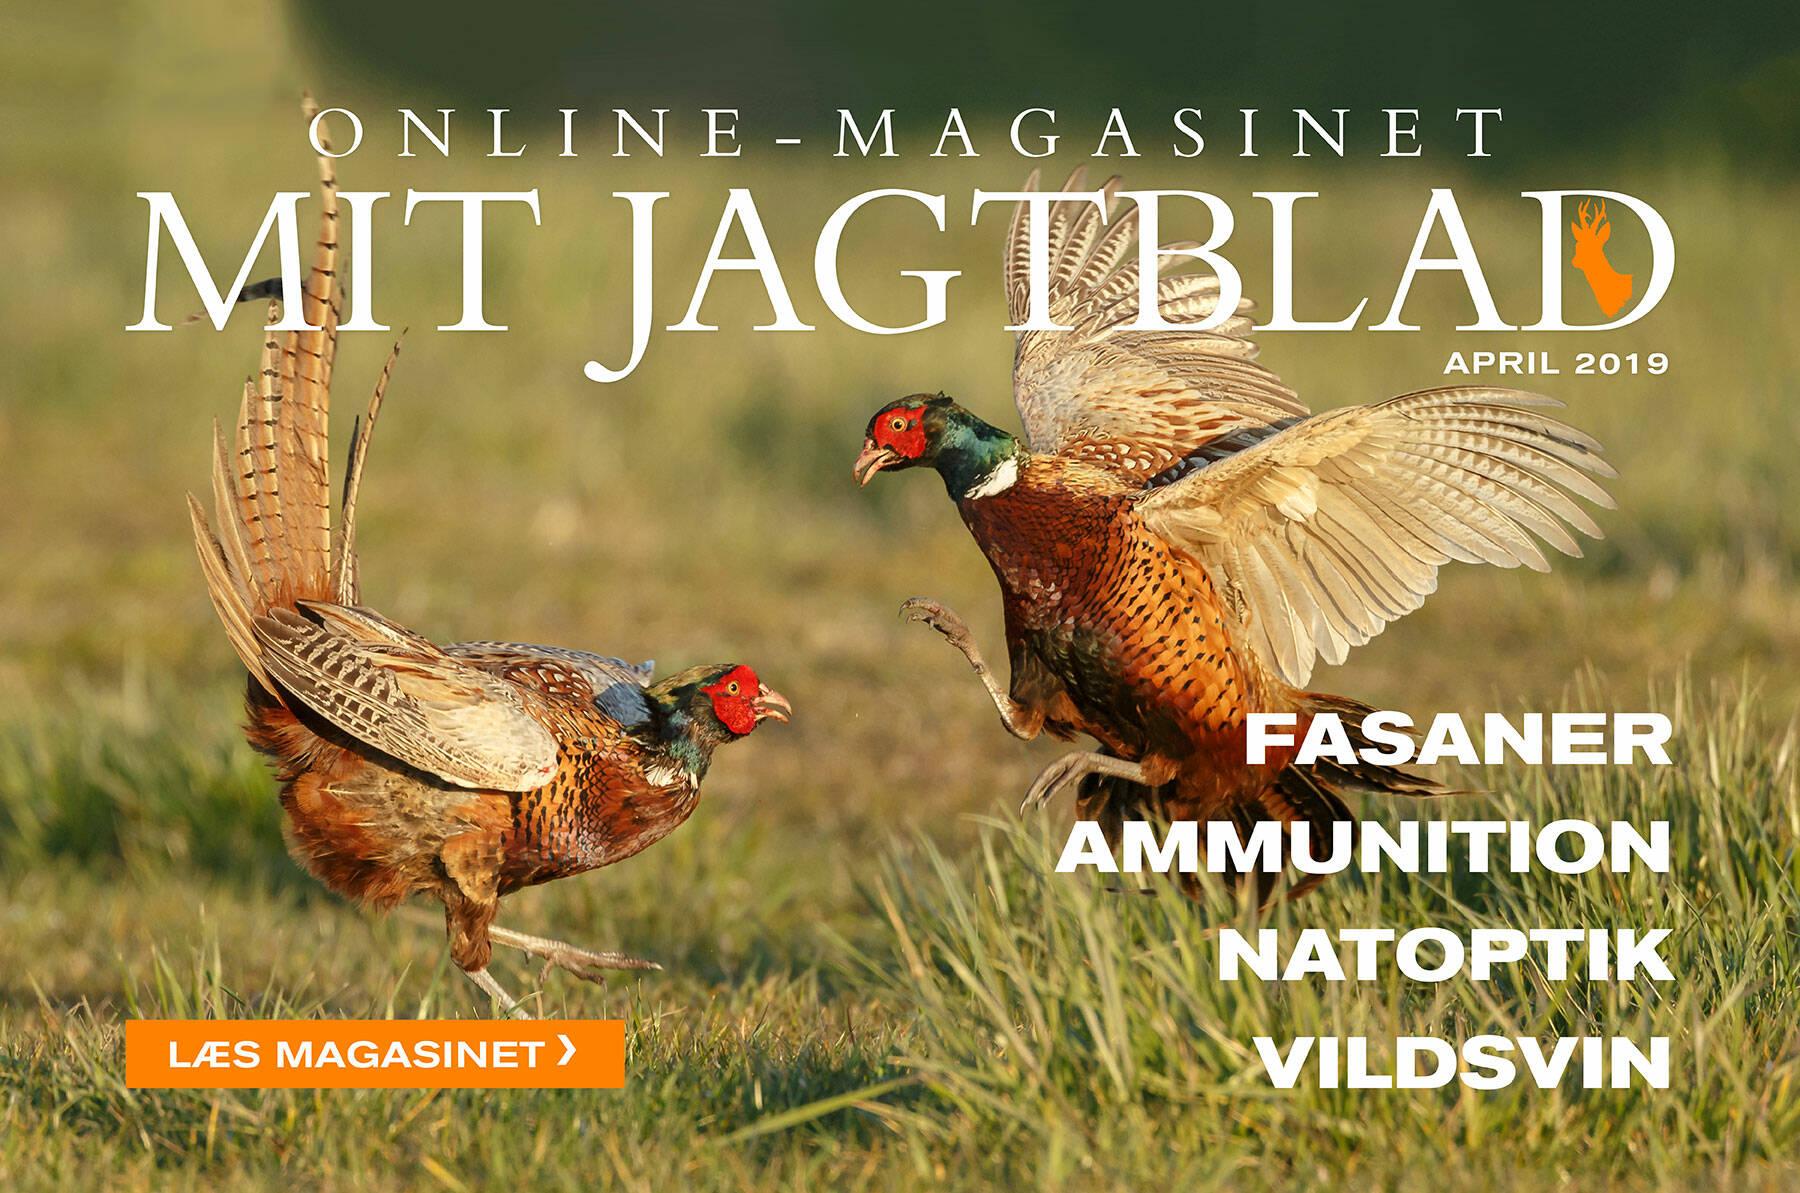 Forside Mit Jagtblad april 2019